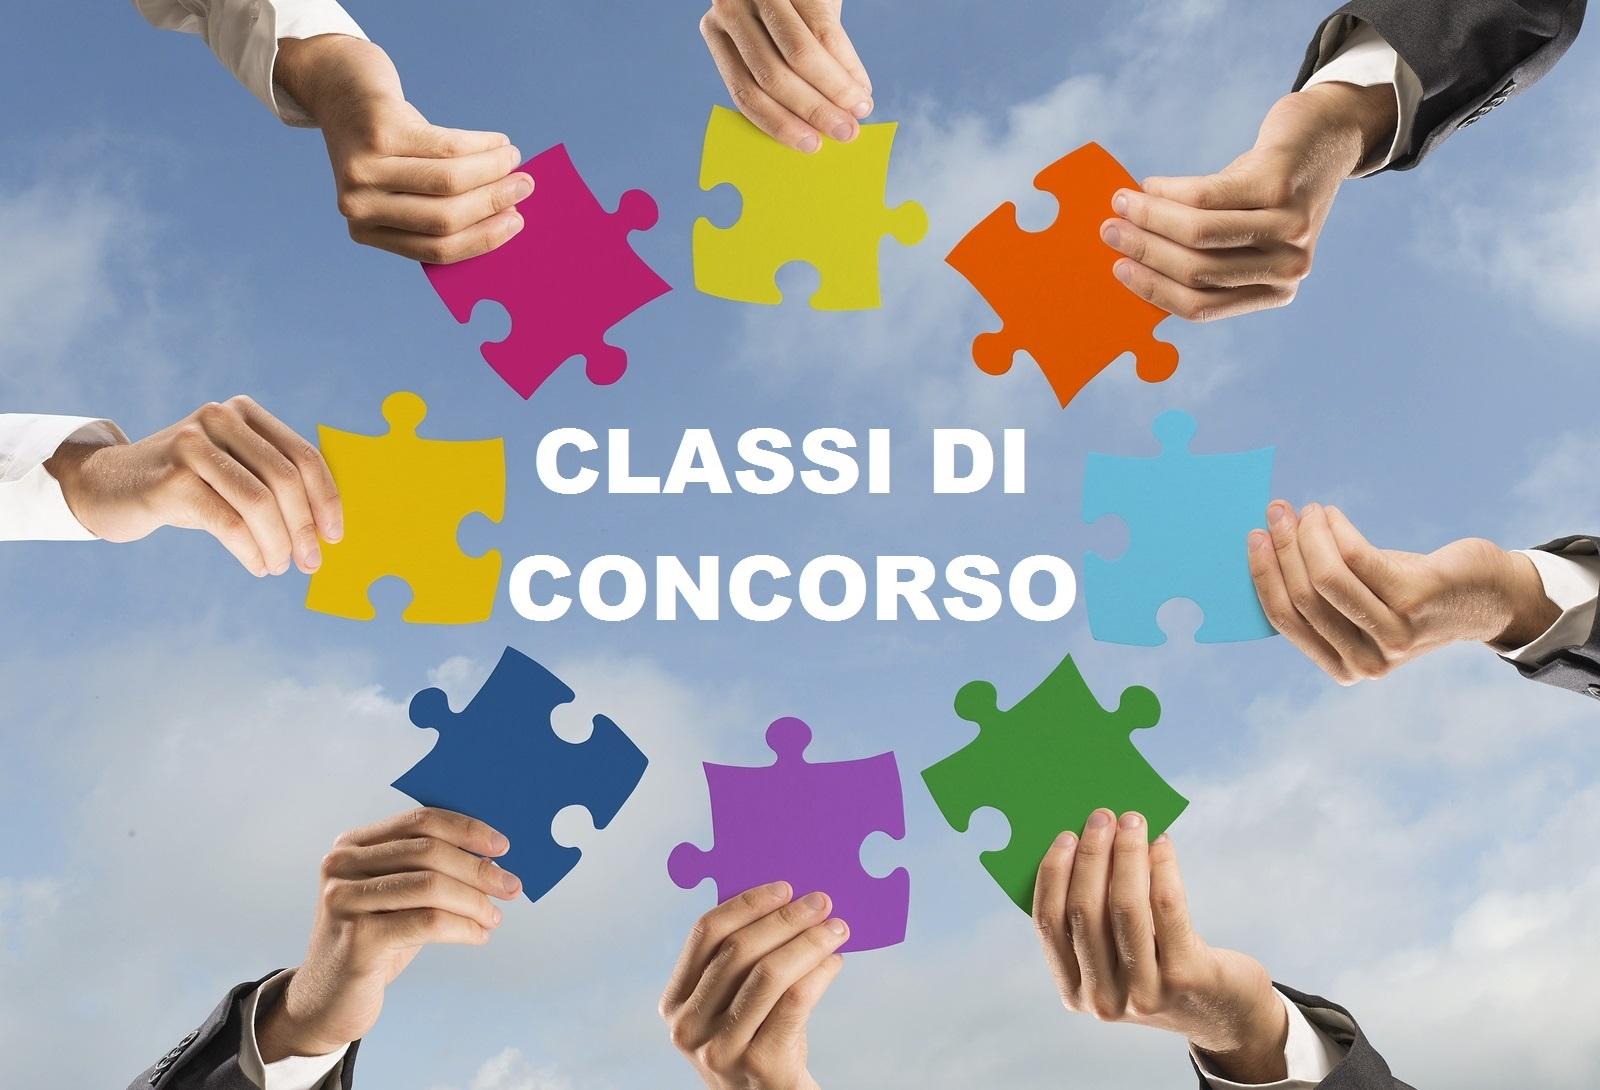 classi-concorso_puzzle1b